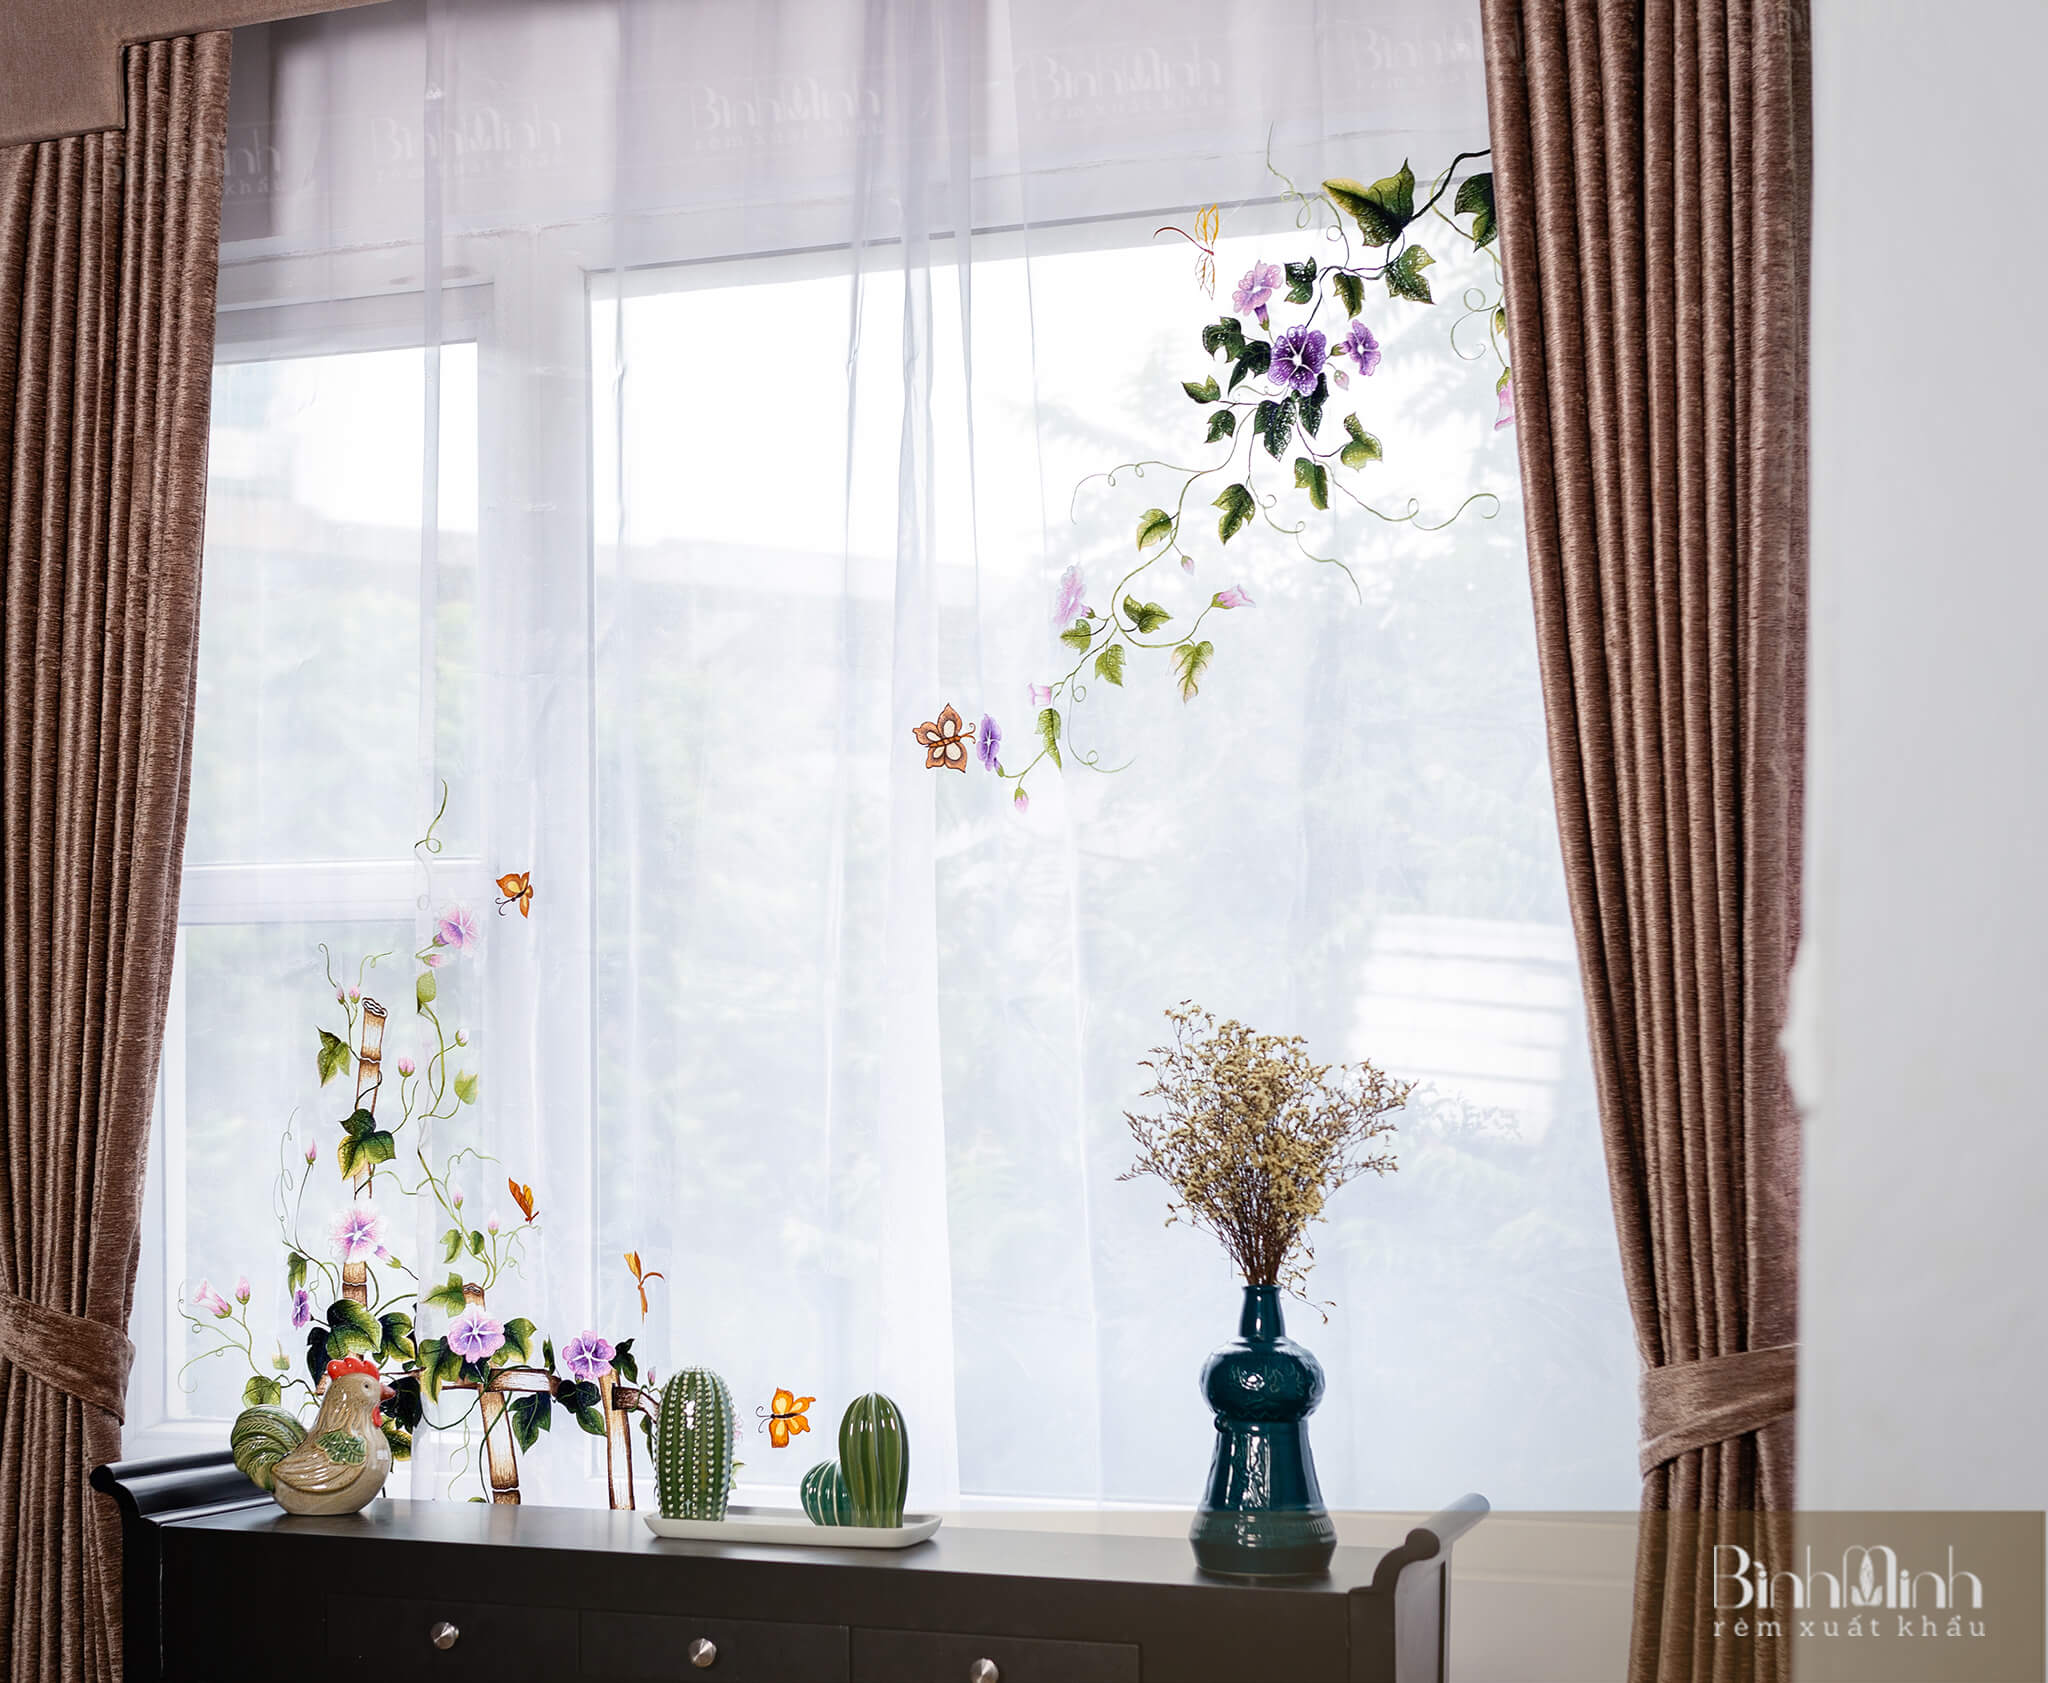 Những mẫu rèm cửa đẹp cho khách sạn, nhà hàng cao cấp - sang trọng